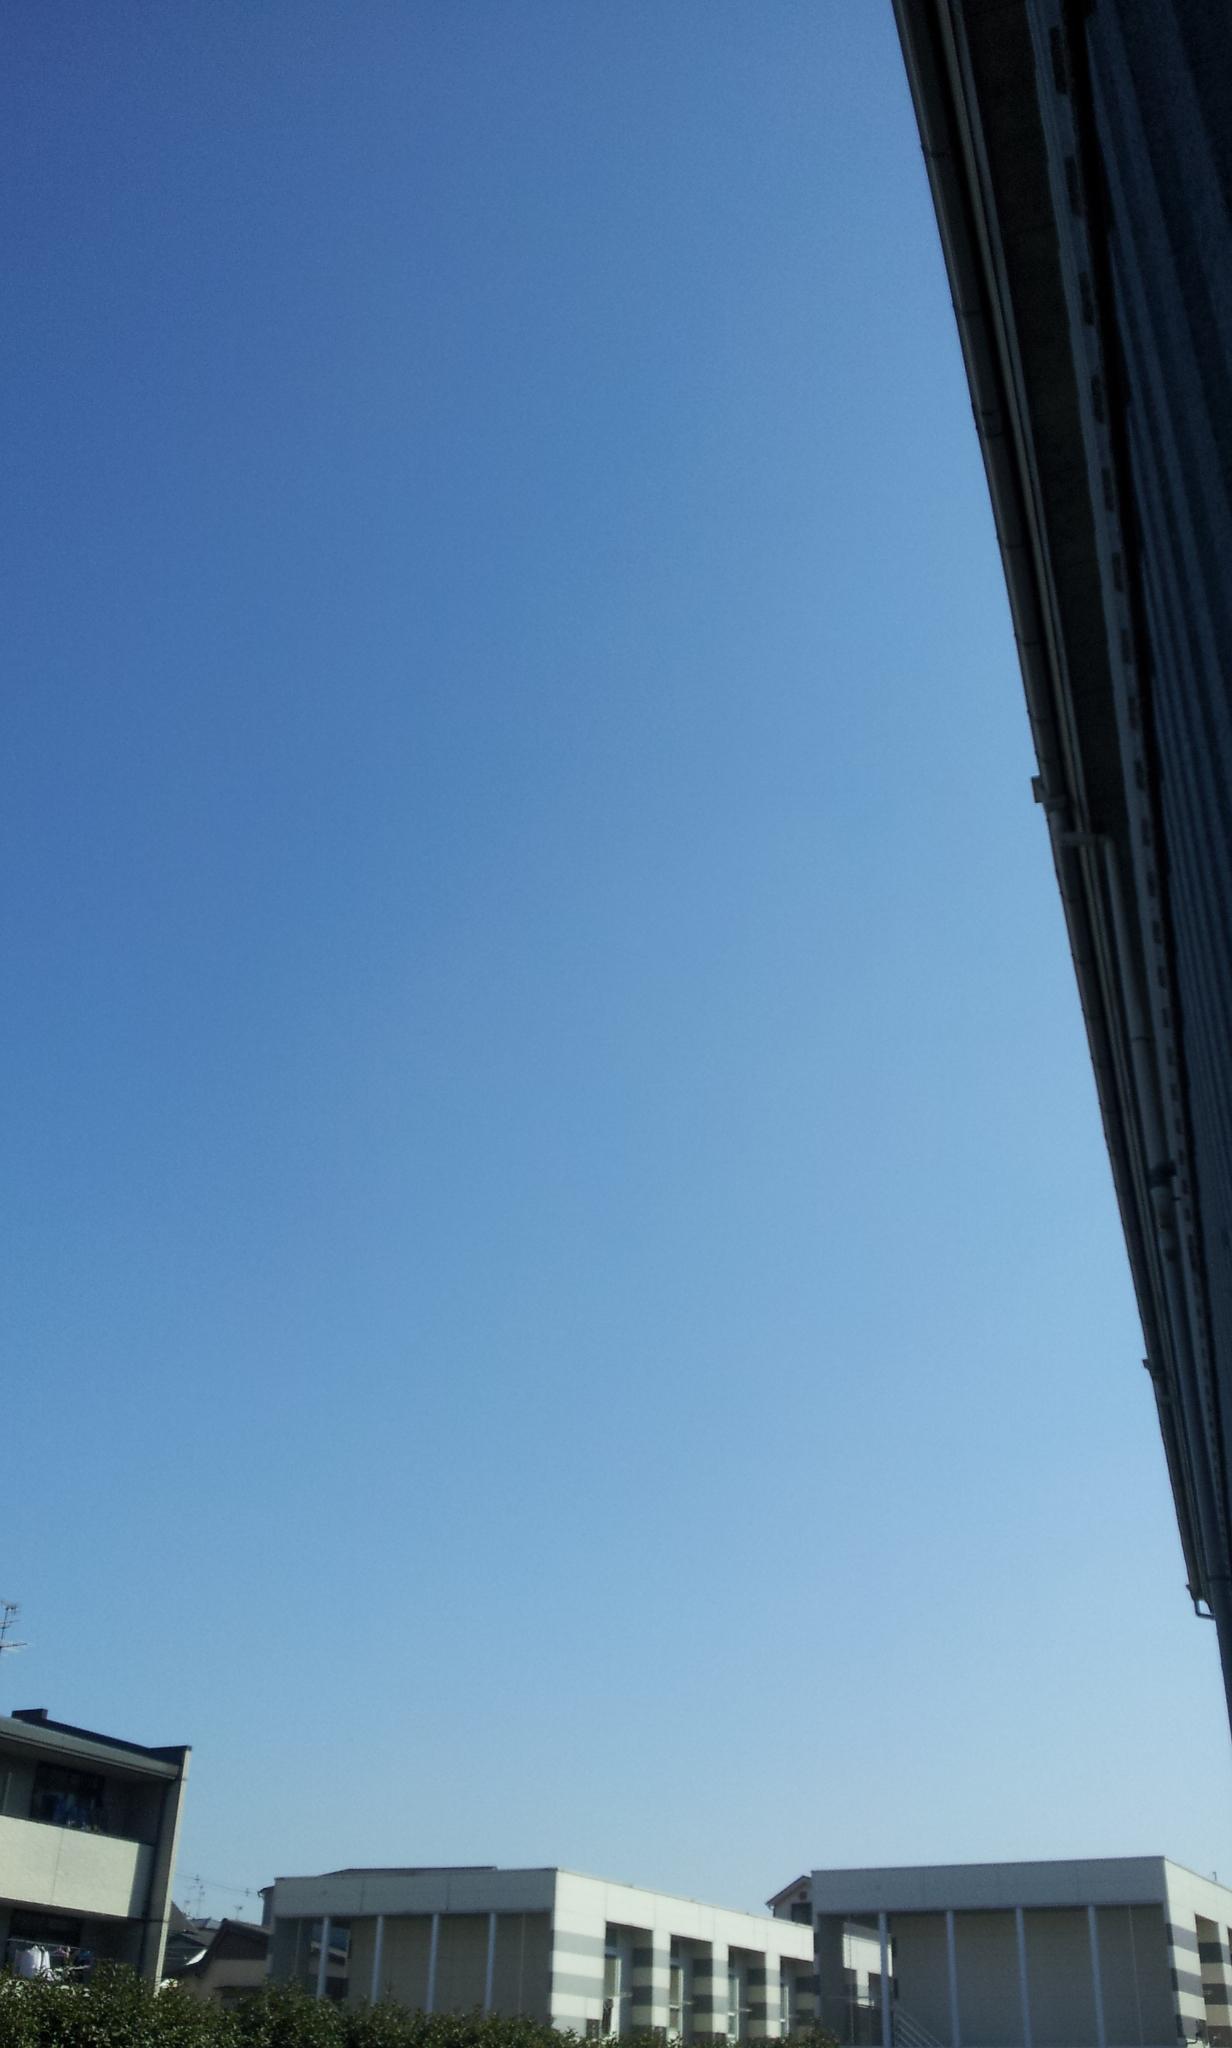 2012-03-14 09.40.25.jpg